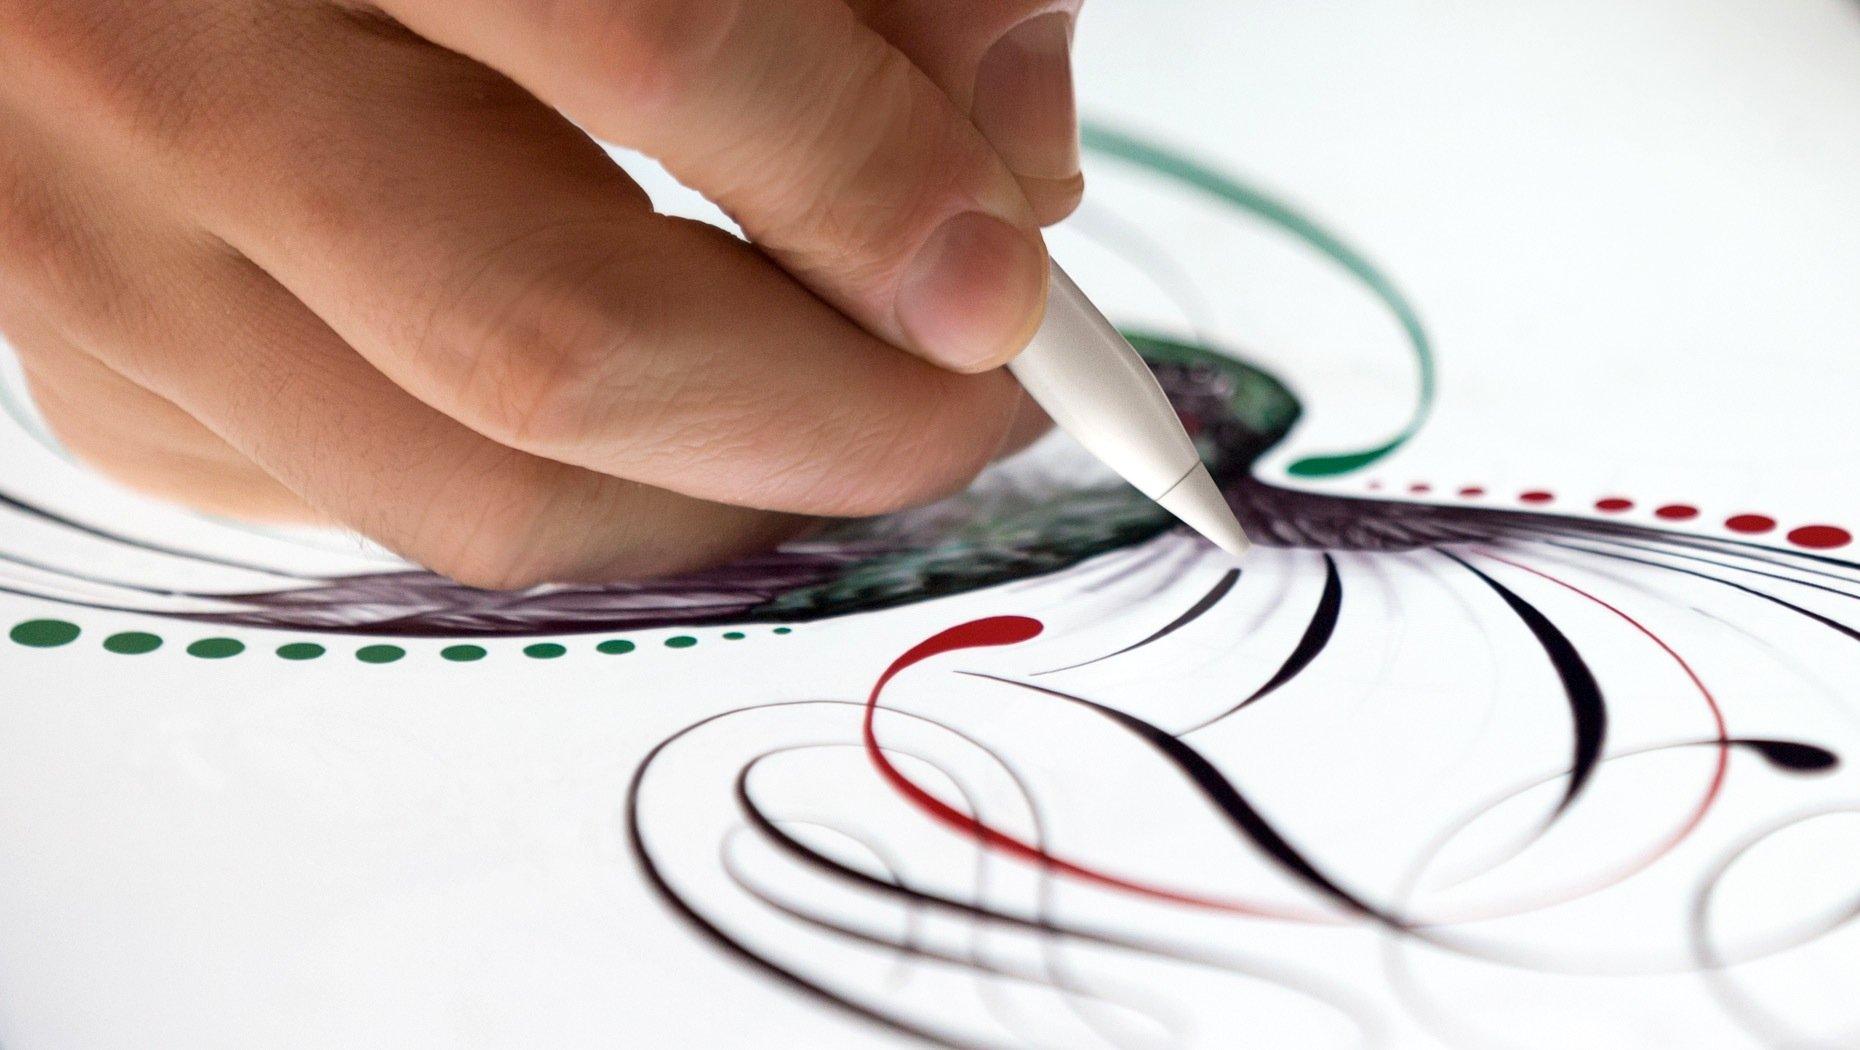 Malen auf einem iPad Pro: Das große iPad hat eine enorme Auflösung und ermöglicht sogar das hochpräzise Zeichnen und Malen.